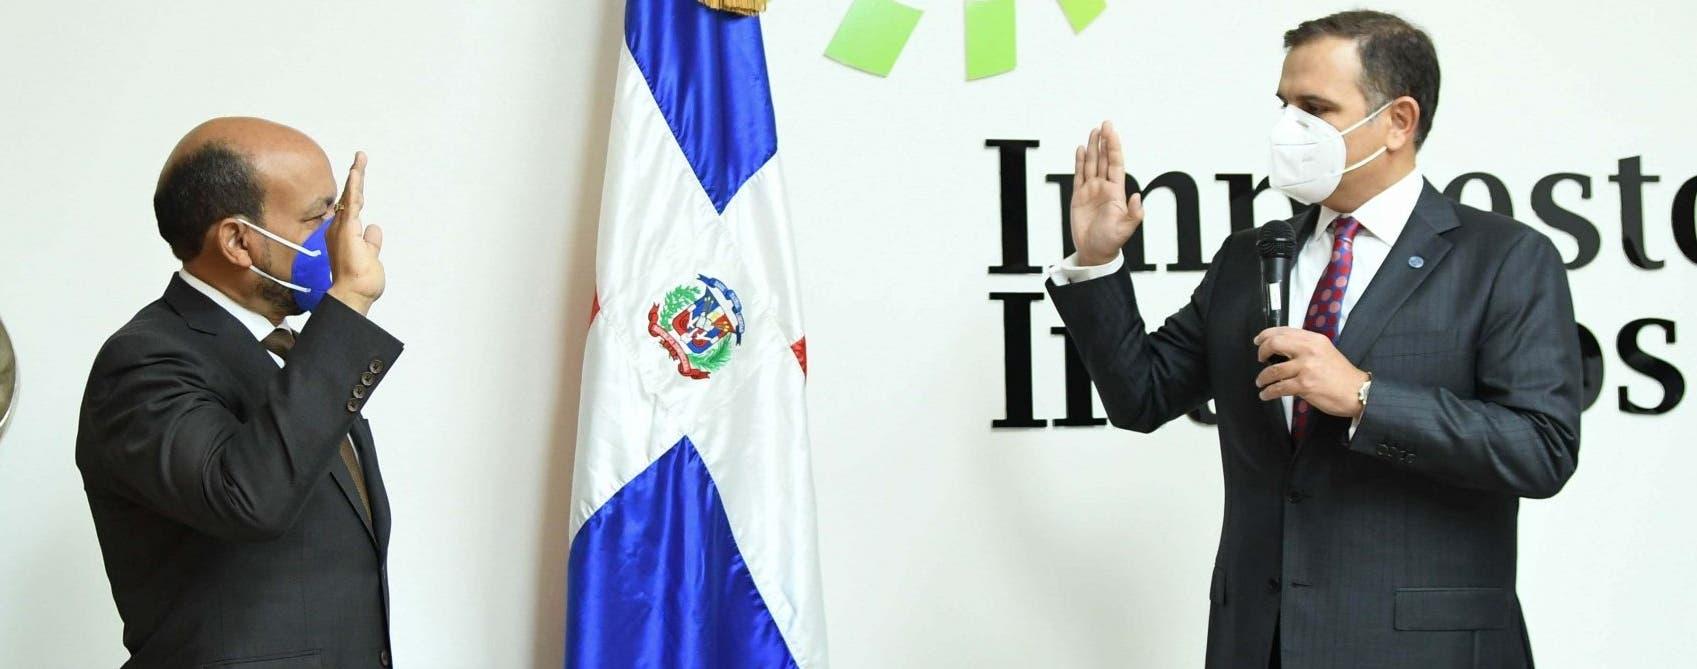 País  dejó de  recaudar  47,375  millones de pesos por Covid-19